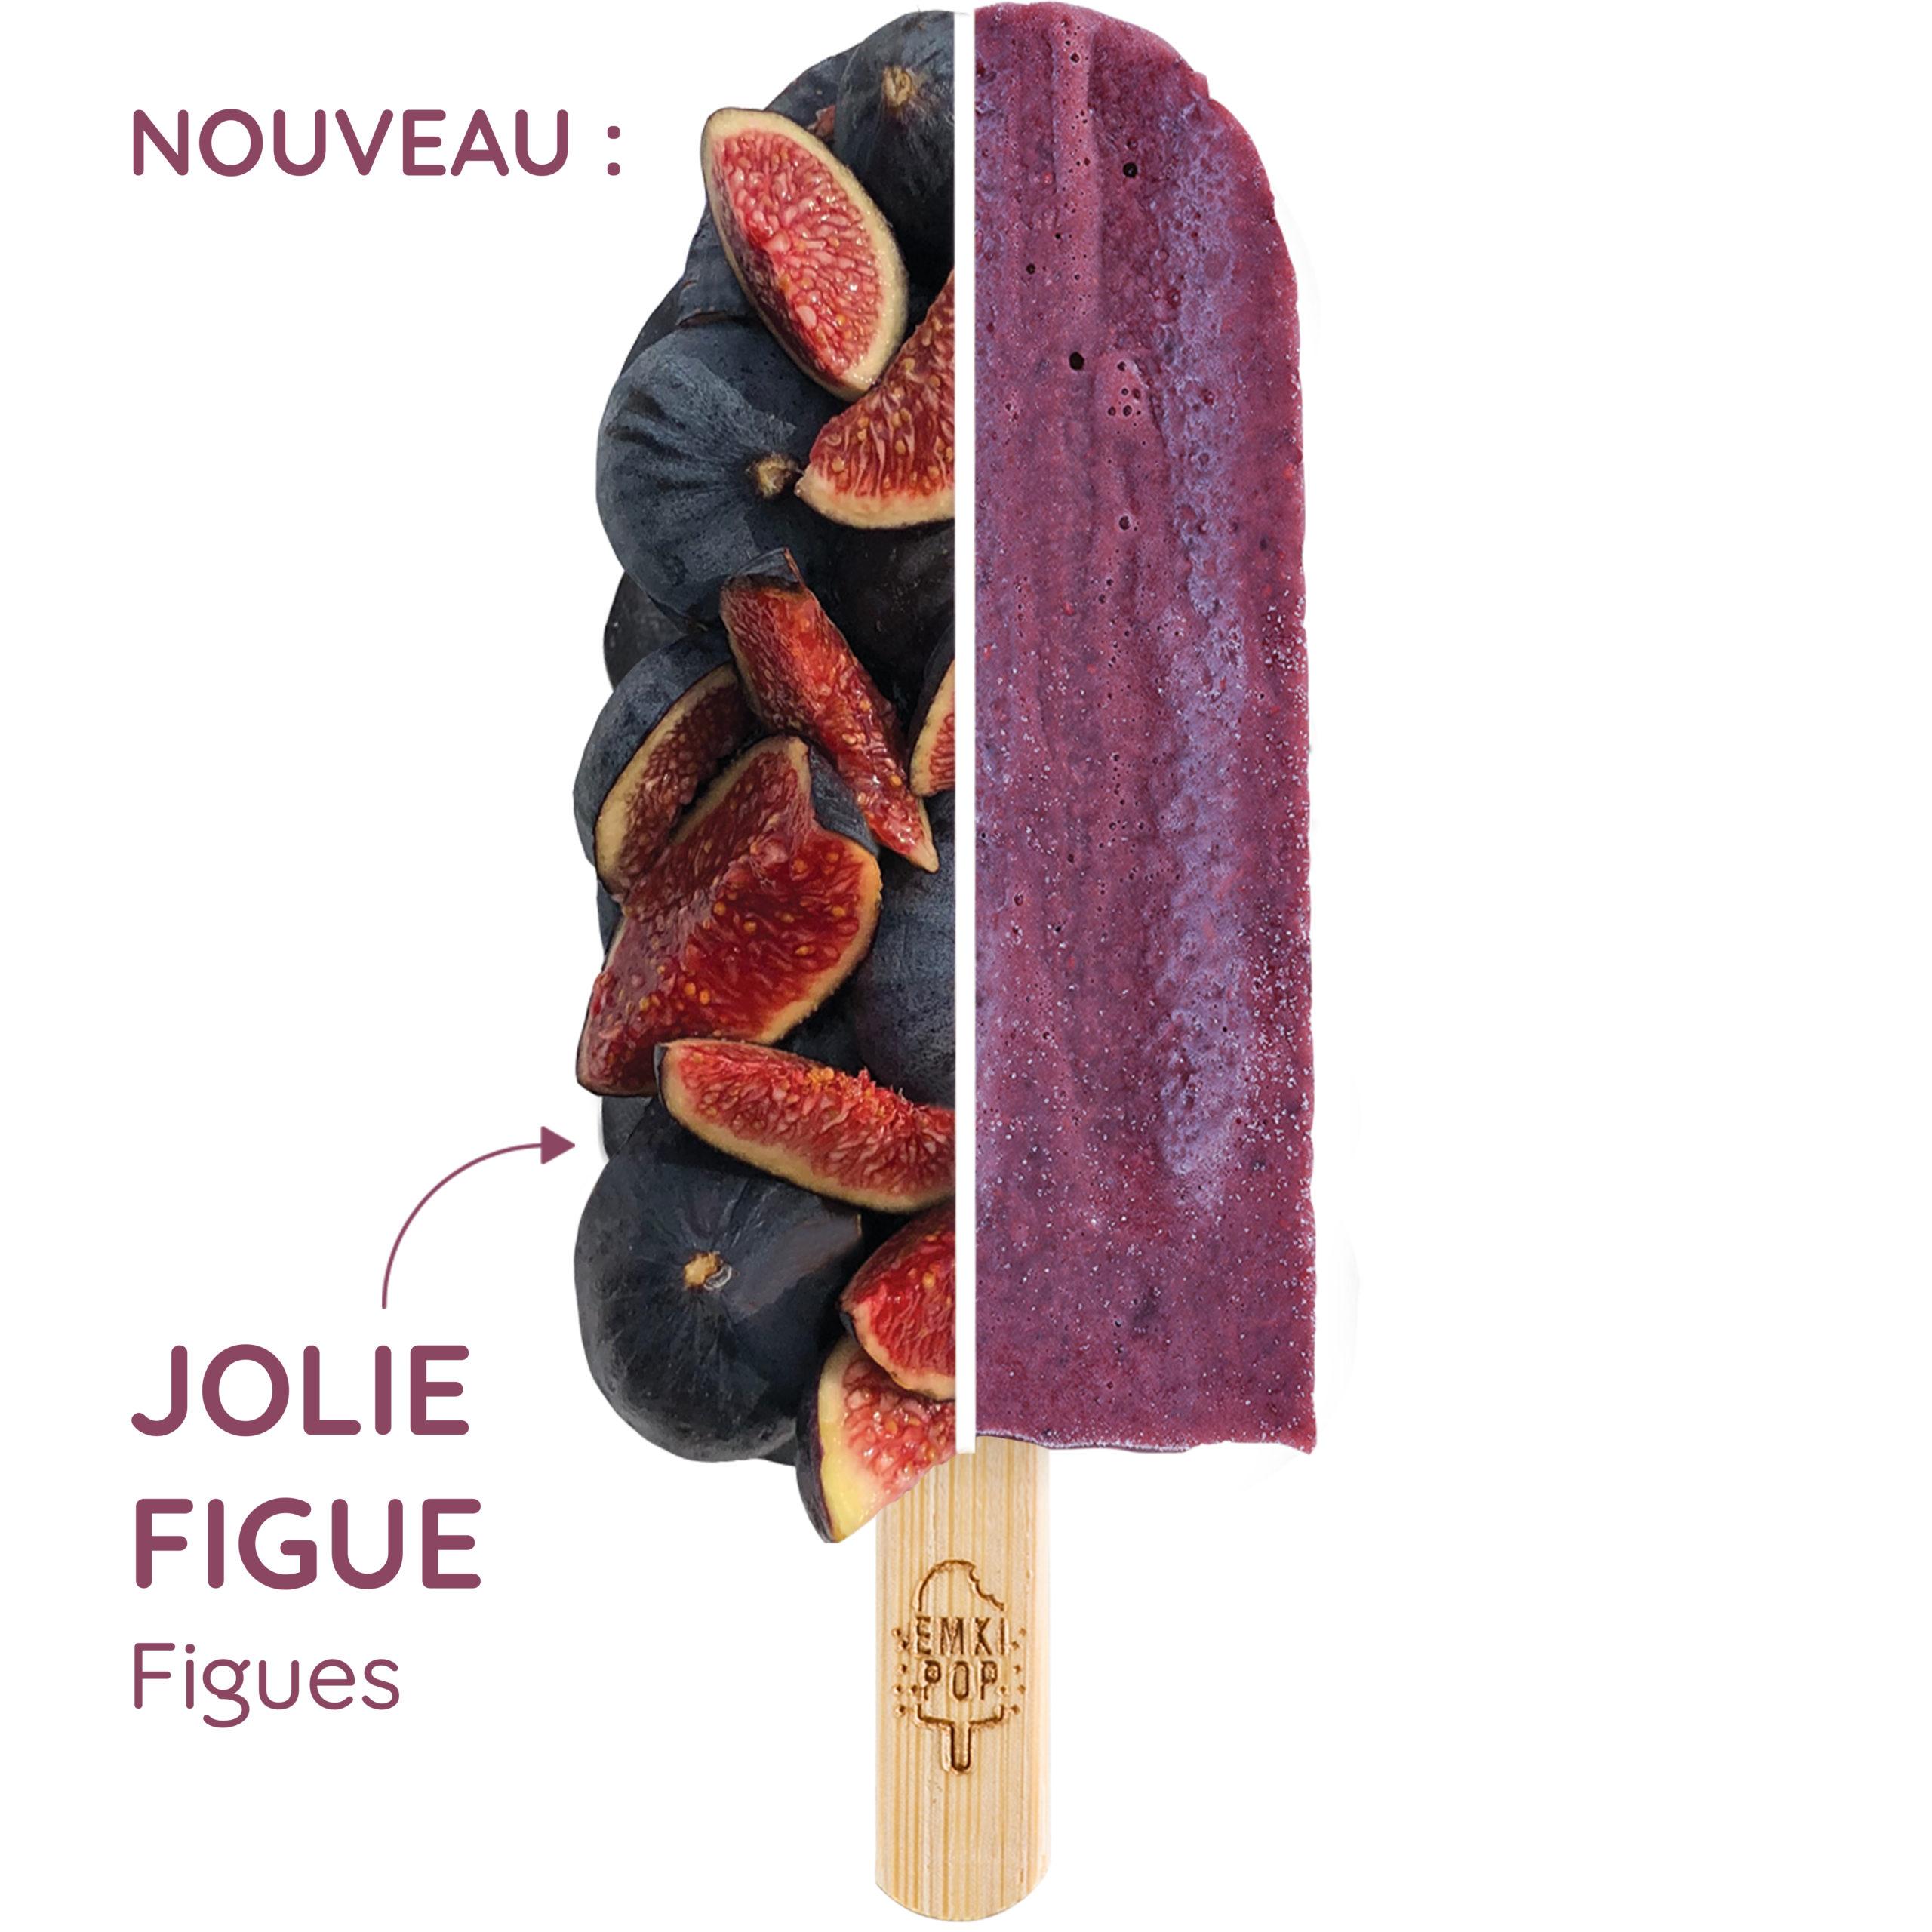 Jolie Figue | Sorbet artisanal à la Figue